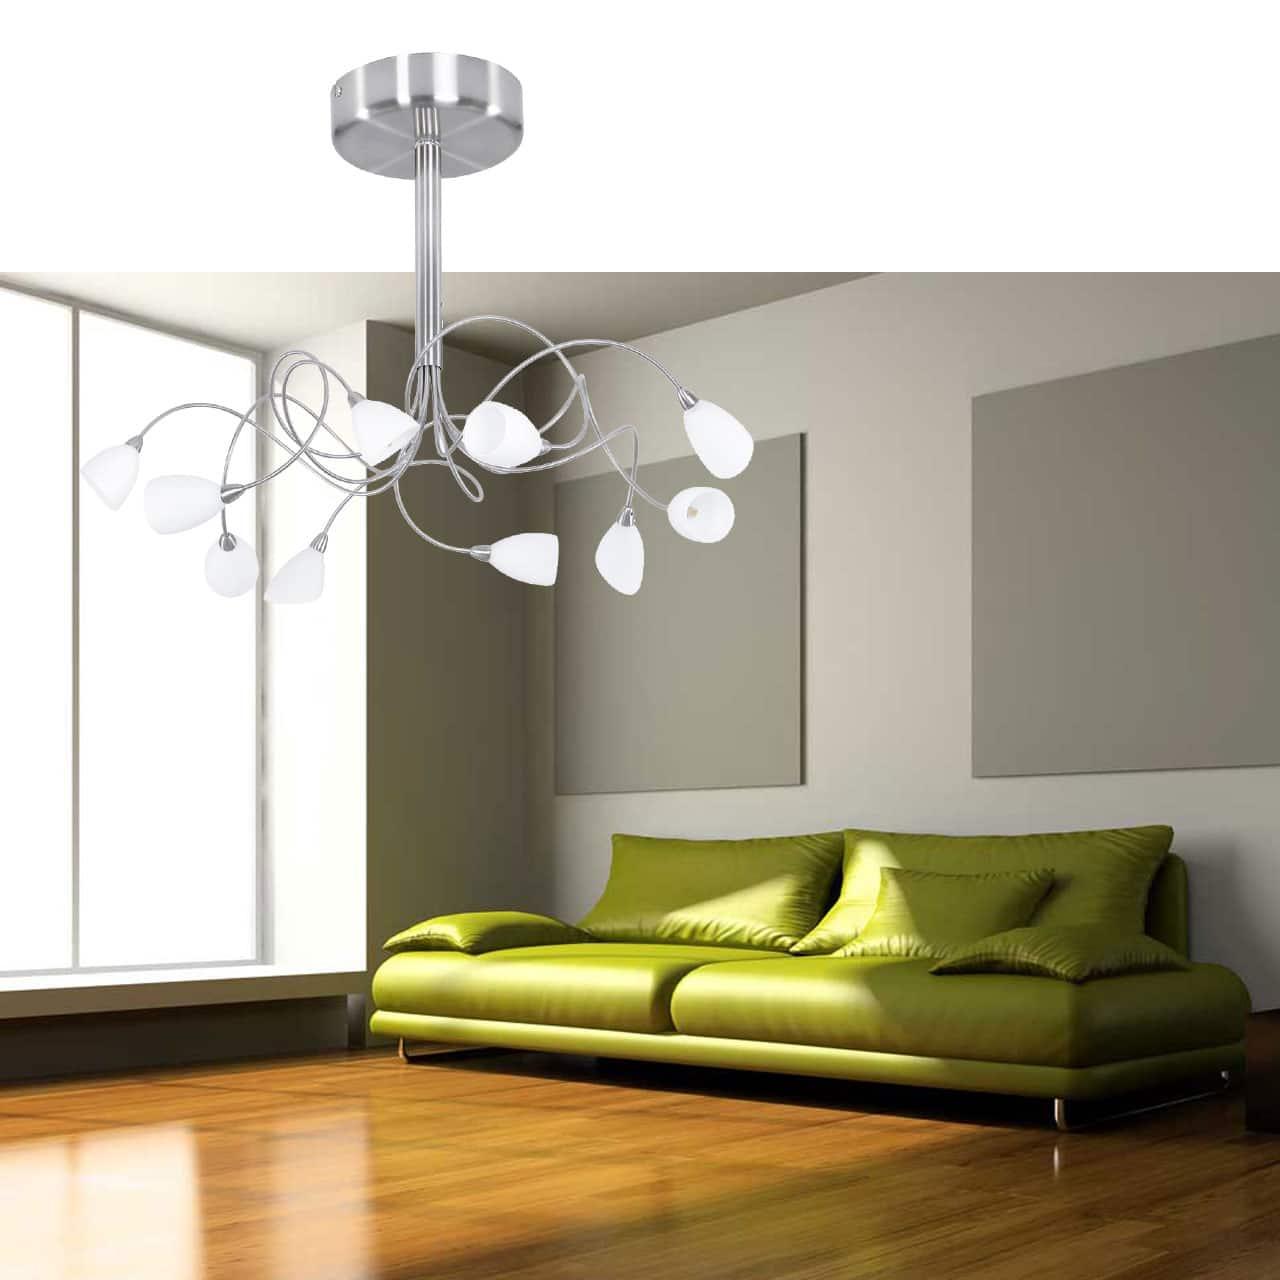 Moderne Plafondlamp Tarda Led Met Wit Glas Lampenconcurrent Nl